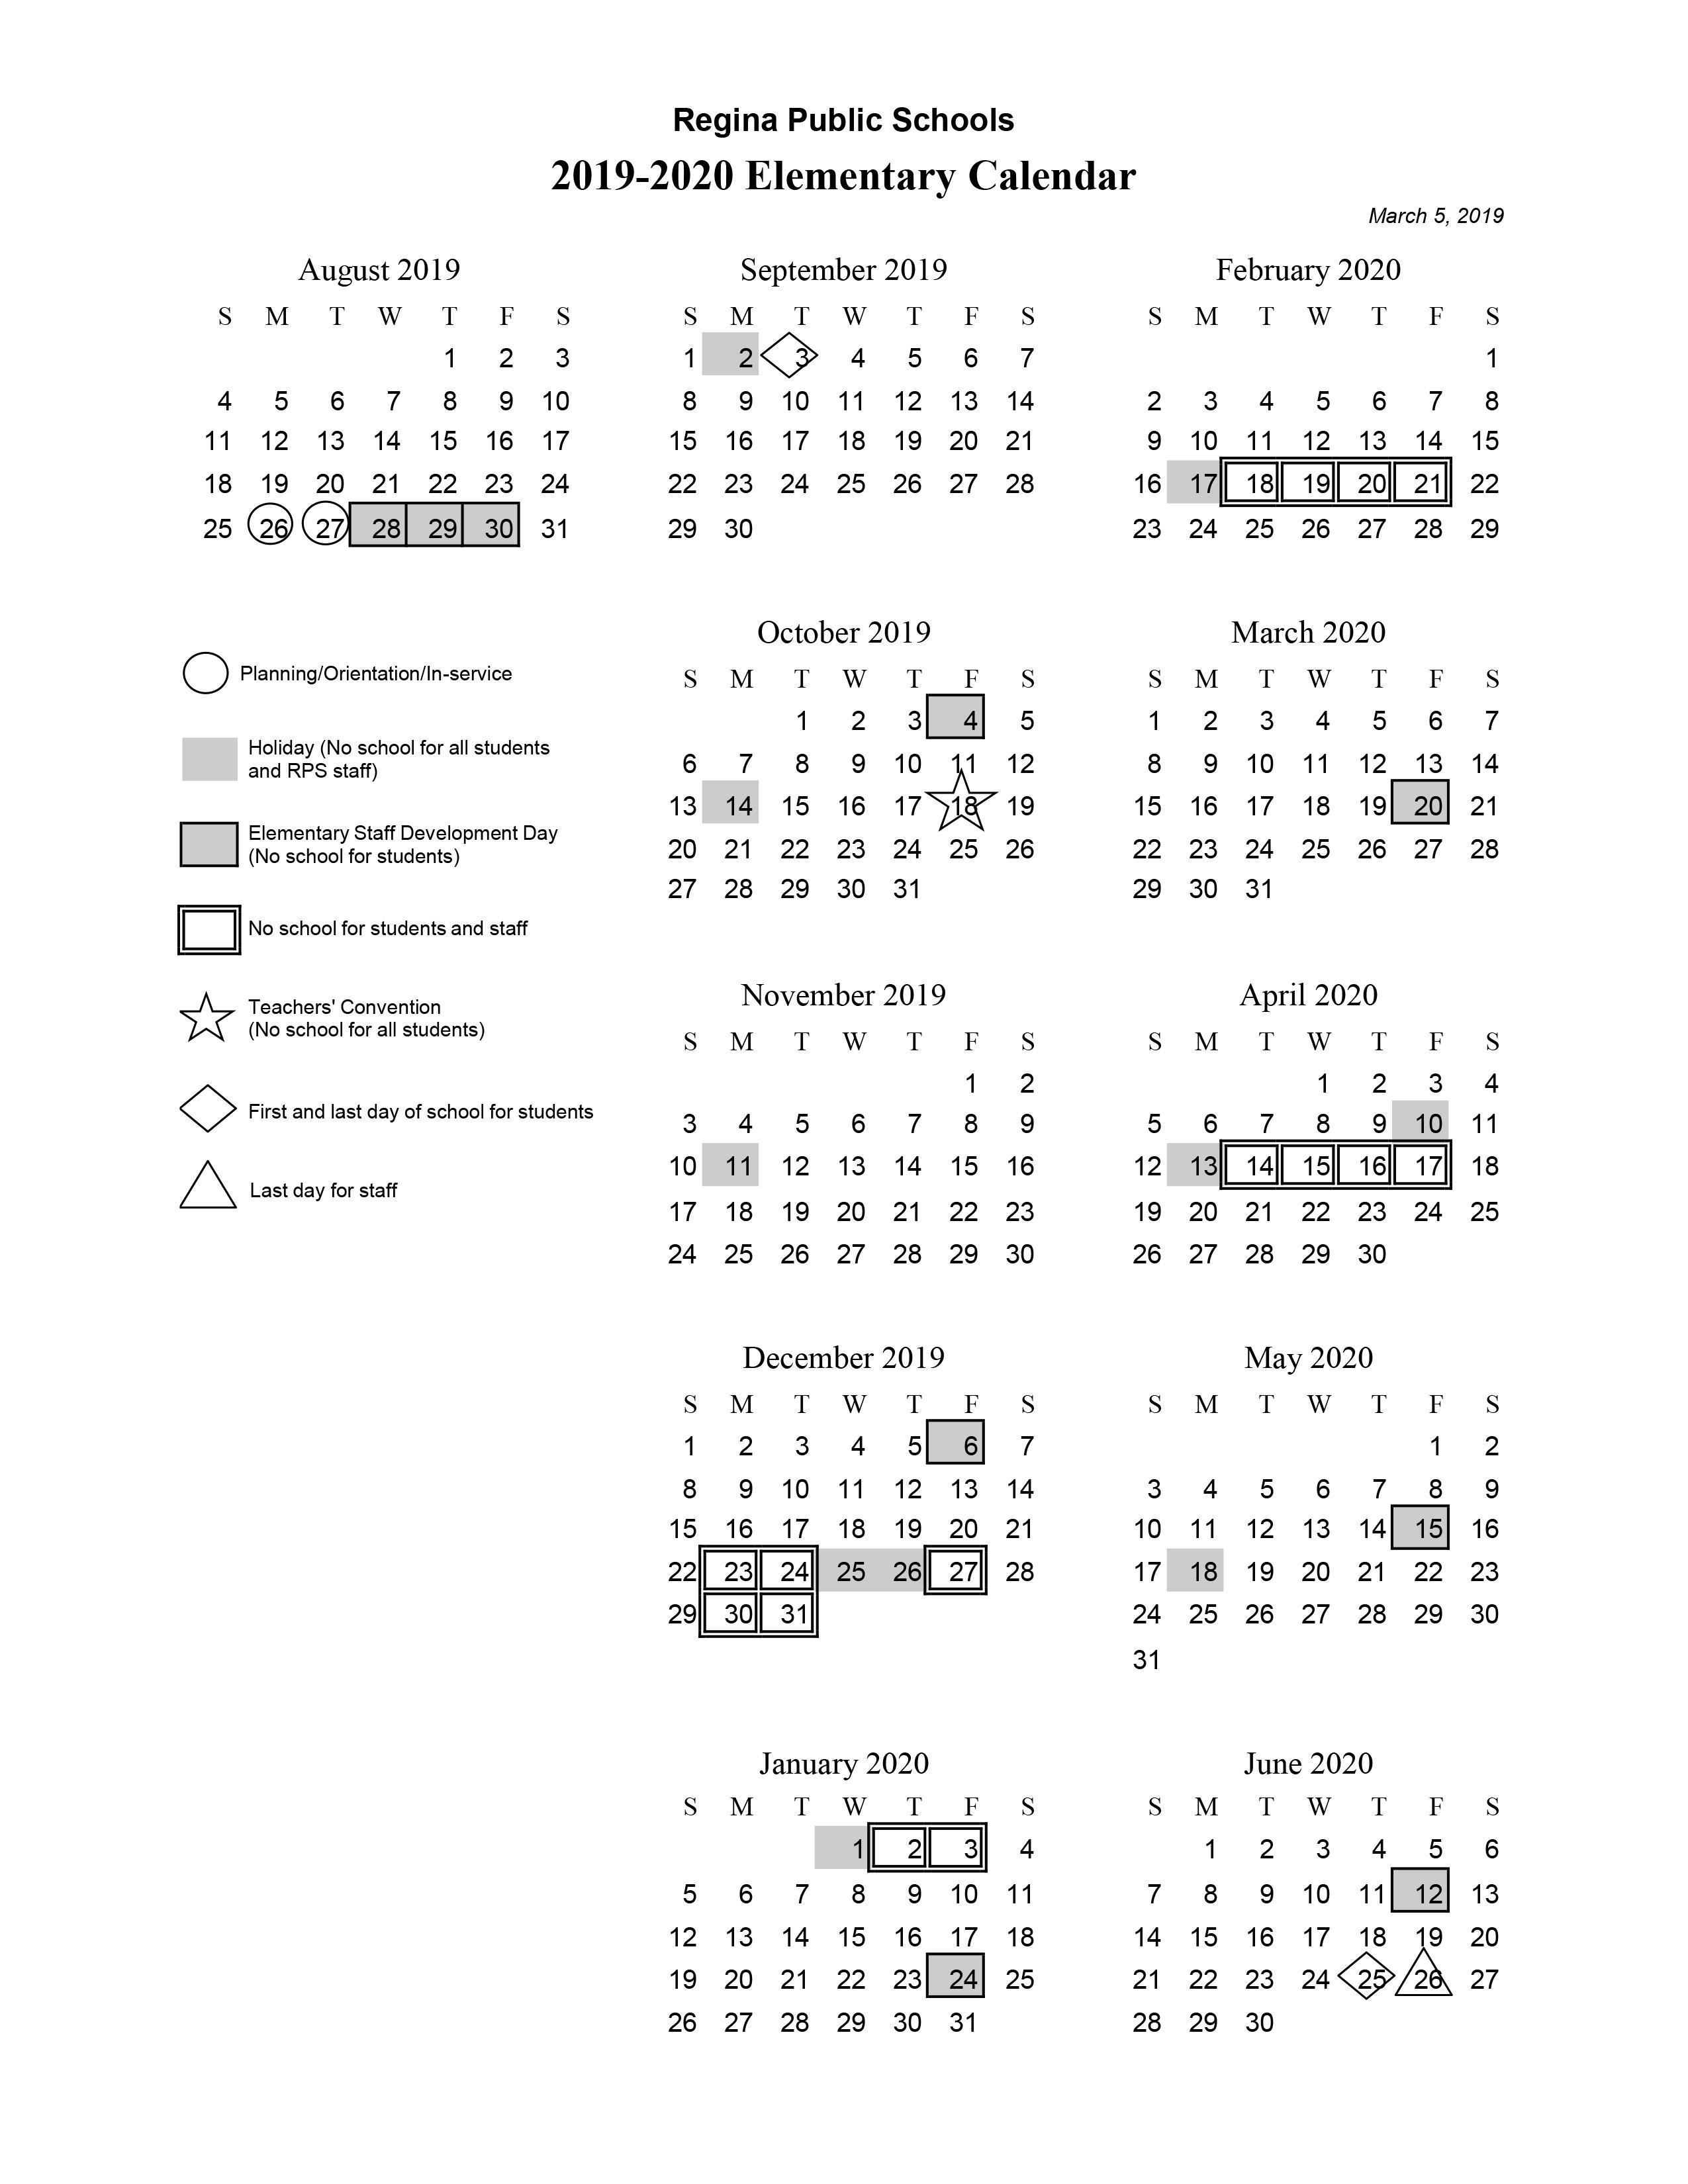 Rps Calendar 2020 Elementary Calendar 2019 20   Regina Public Schools